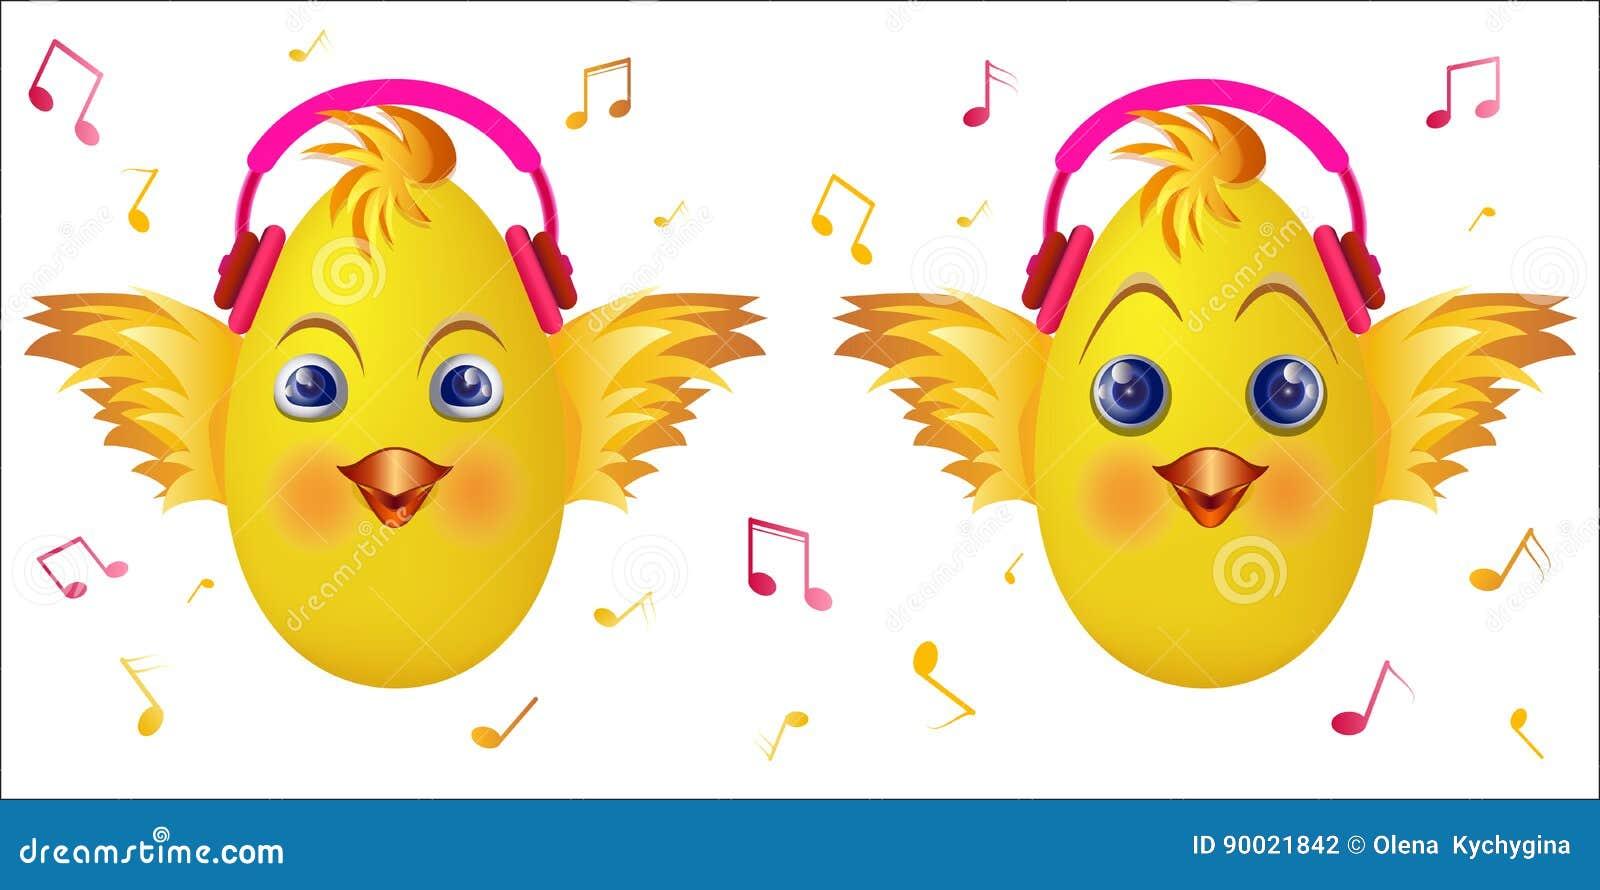 Ecouteurs De Musique De Rose De Poussin D Emoticone Illustration Stock Illustration Du Musique Poussin 90021842